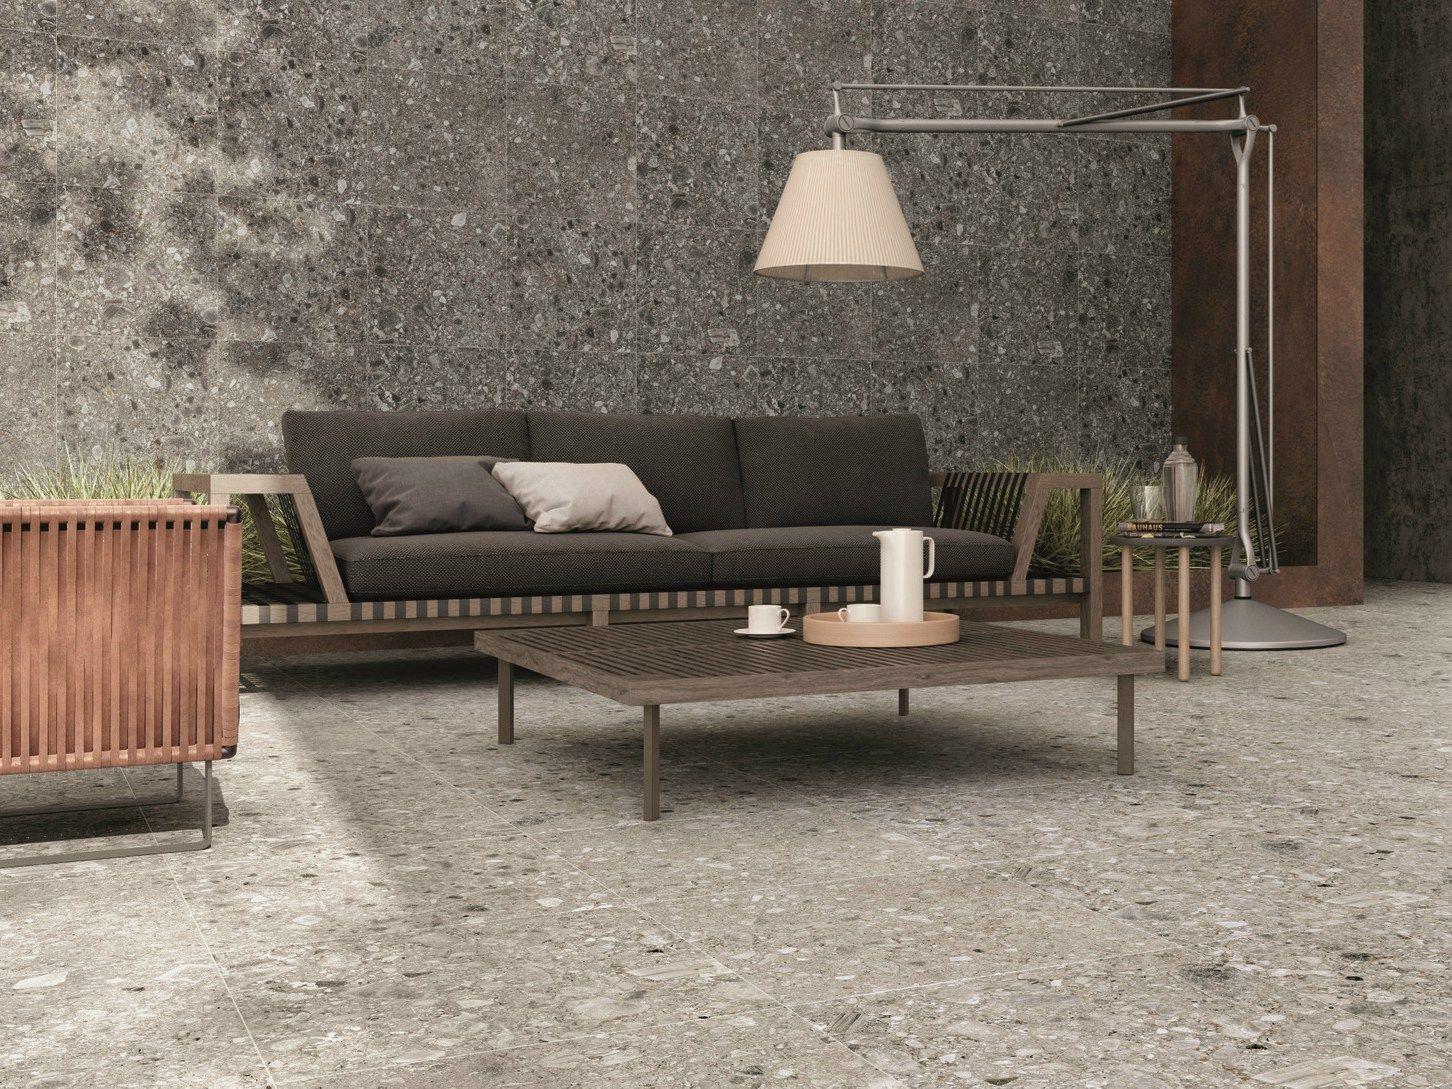 Revestimiento de pared suelo de gres porcel nico futura by - Revestimientos de suelos ...